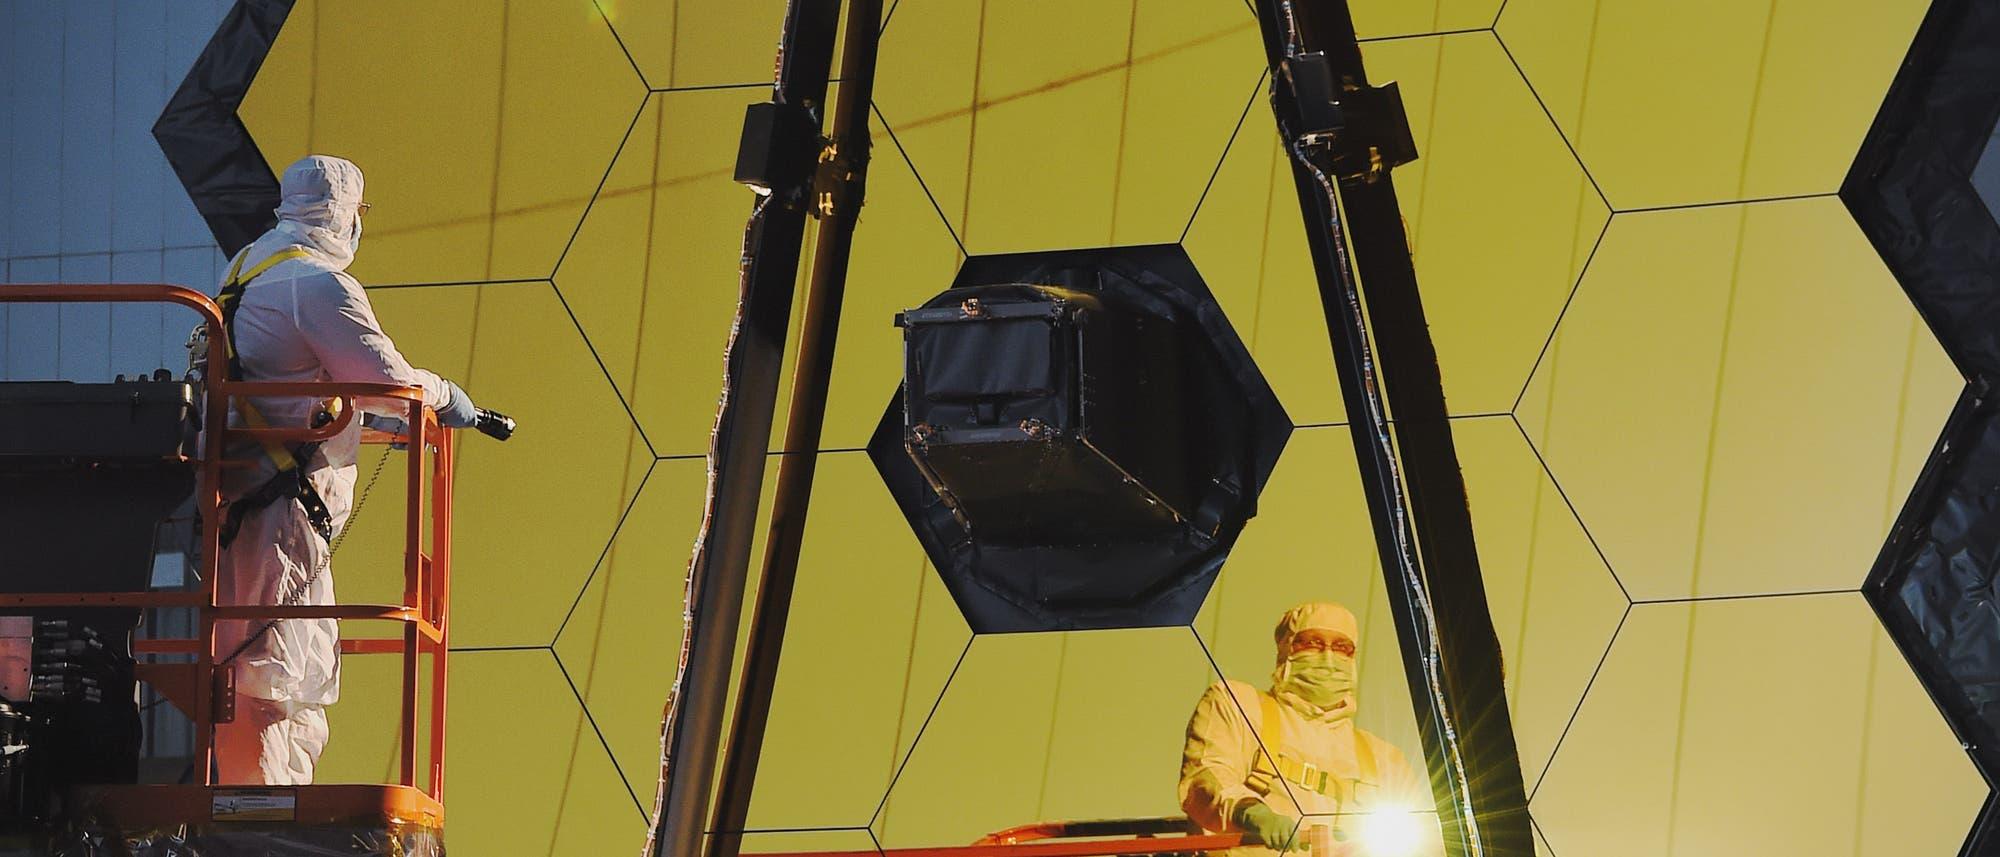 Das James Webb Space Telescope wird voraussichtlich im Oktober 2018 starten. Dieses Foto zeigt Arbeiten am goldenen Hauptspiegel des Teleskops im Reinraum am Goddard Space Flight Center der NASA.